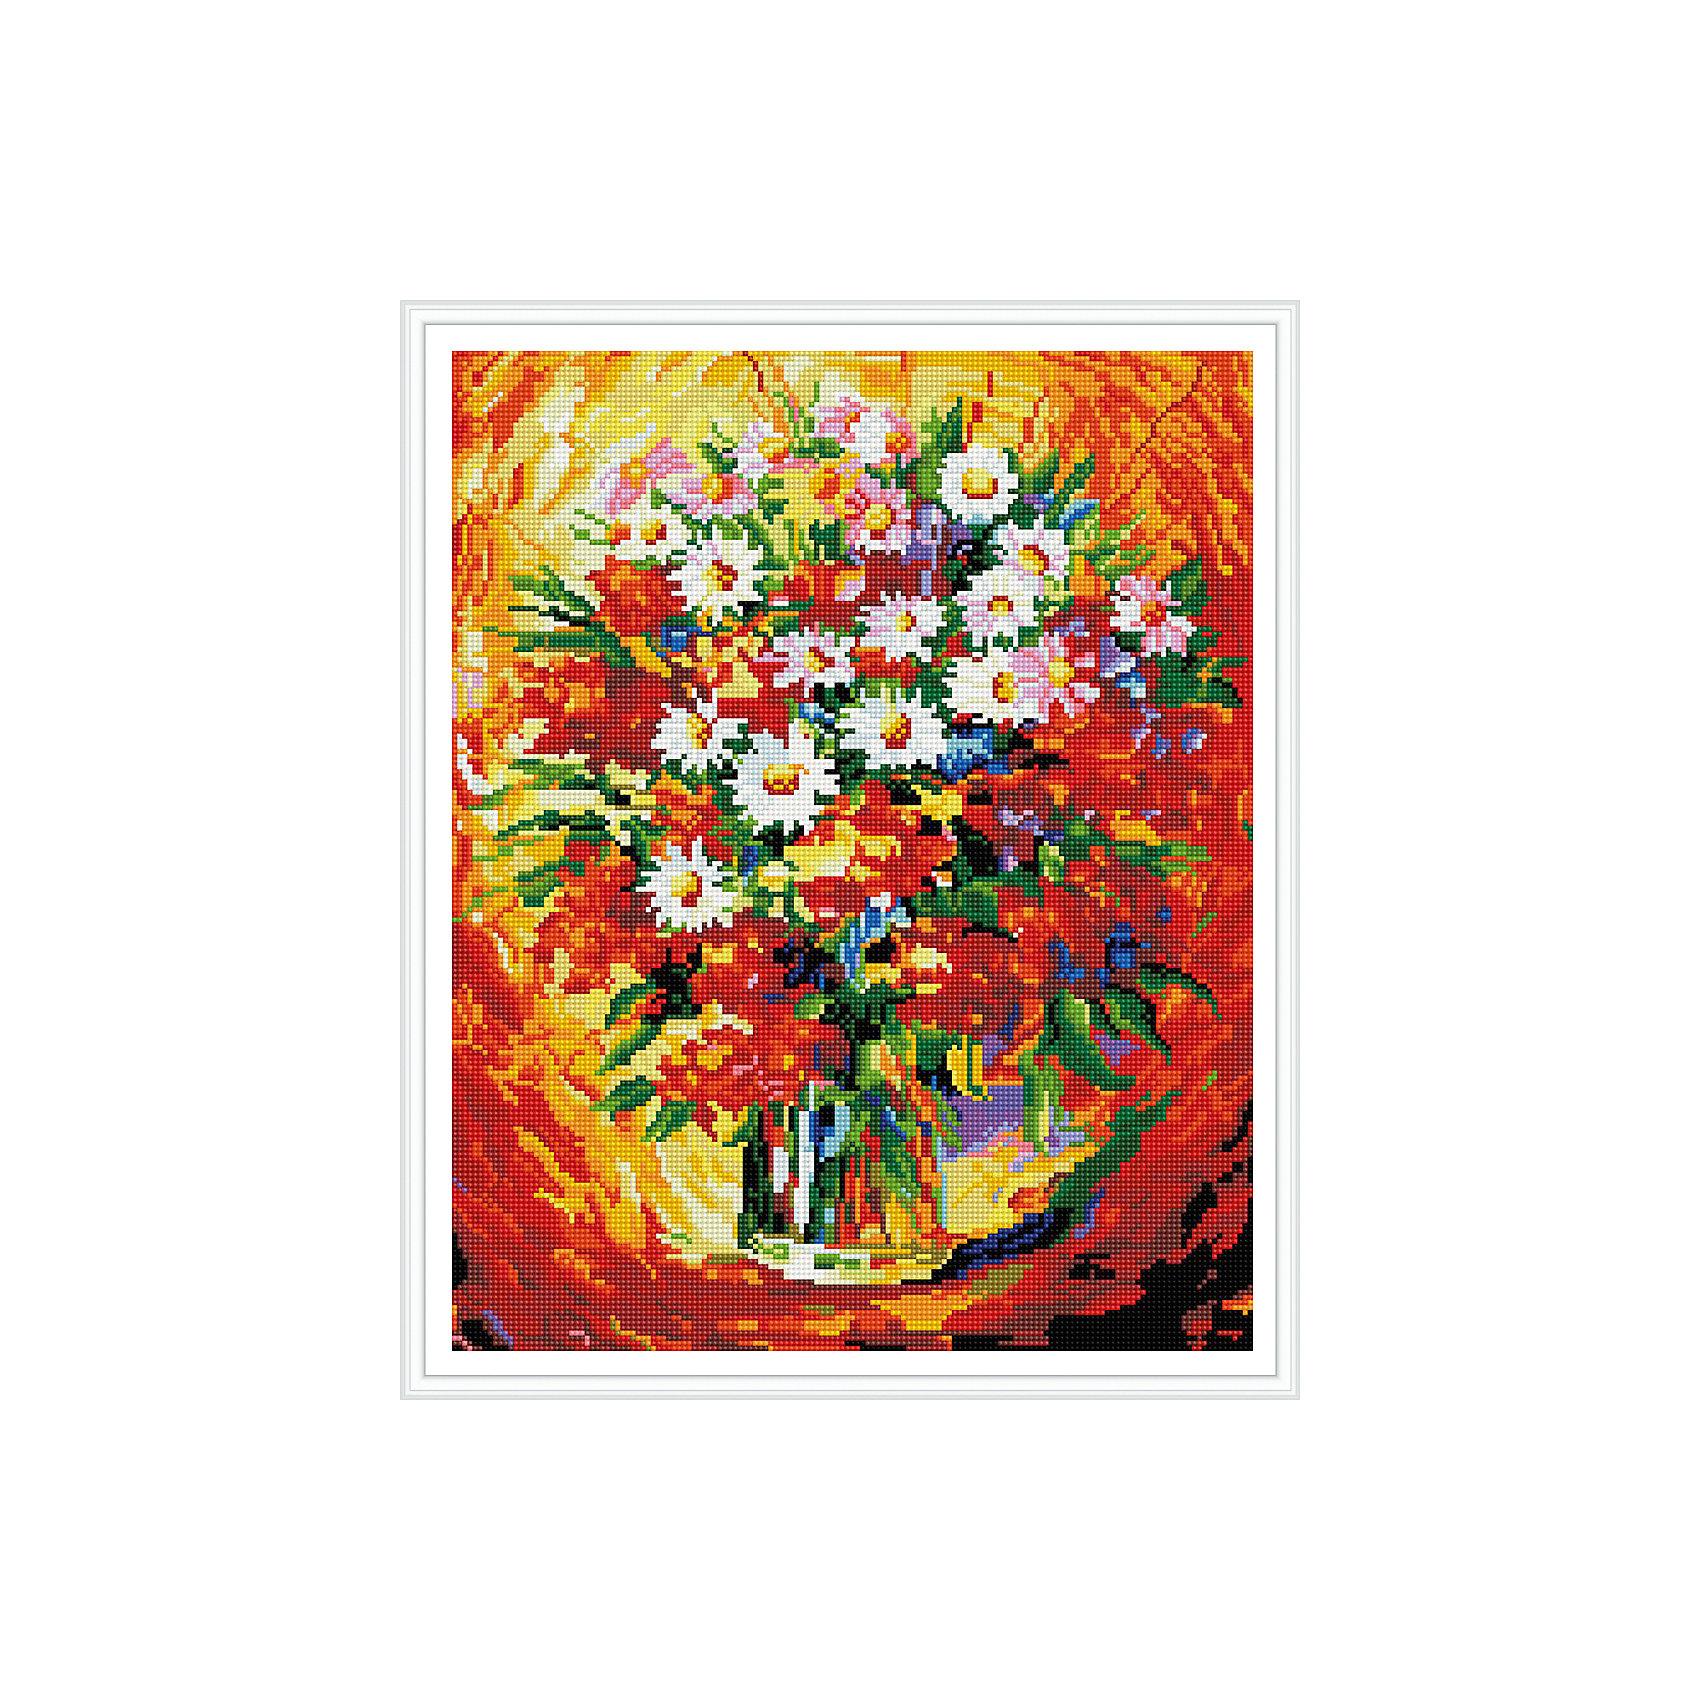 Алмазная мозаика Букет с ромашками 40*50 смПоследняя цена<br>Характеристики:<br><br>• Предназначение: для занятий творчеством в технике алмазной живописи<br>• Тематика: Цветы<br>• Пол: для девочек<br>• Уровень сложности: высокий<br>• Материал: дерево, бумага, акрил, пластик<br>• Цвет: красный, оранжевый, желтый, зеленый, белый, синий и др.<br>• Количество цветов: 26<br>• Комплектация: холст на подрамнике, стразы, пинцет, карандаш для камней, клей, лоток для камней, инструкция<br>• Размеры (Ш*Д): 40*50 см<br>• Тип выкладки камней: сплошное заполнение рисунка<br>• Стразы квадратной формы <br>• Вес: 900 г <br>• Упаковка: картонная коробка<br><br>Алмазная мозаика Букет с ромашками 40*50 см – это набор для создания картины в технике алмазной живописи. Набор для творчества включает в себя холст, на который нанесена схема рисунка, комплекта разноцветных страз квадратной формы, подрамника и инструментов для выкладки узора. Все использованные в наборе материалы экологичные и нетоксичные. Картина выполняется в технике сплошного заполнения декоративными элементами поверхности холста, что обеспечивает высокую реалистичность рисунка. На схеме изображен осенний парк. <br>Готовые наборы для алмазной мозаики – это оптимальный вариант для любителей рукоделия, так как в них предусмотрены все материалы в требуемом для изготовления картины количестве. Занятия алмазной живописью позволят развивать навыки чтения схем, выполнения заданий по образцу, будут способствовать внимательности, терпению и развитию мелкой моторики. <br>Наборы алмазной мозаики могут быть преподнесены в качестве подарка не только девочкам, но и взрослым любительницам рукоделия.<br><br>Алмазную мозаику Букет с ромашками 40*50 см можно купить в нашем интернет-магазине.<br><br>Ширина мм: 420<br>Глубина мм: 520<br>Высота мм: 50<br>Вес г: 900<br>Возраст от месяцев: 96<br>Возраст до месяцев: 2147483647<br>Пол: Женский<br>Возраст: Детский<br>SKU: 5217147